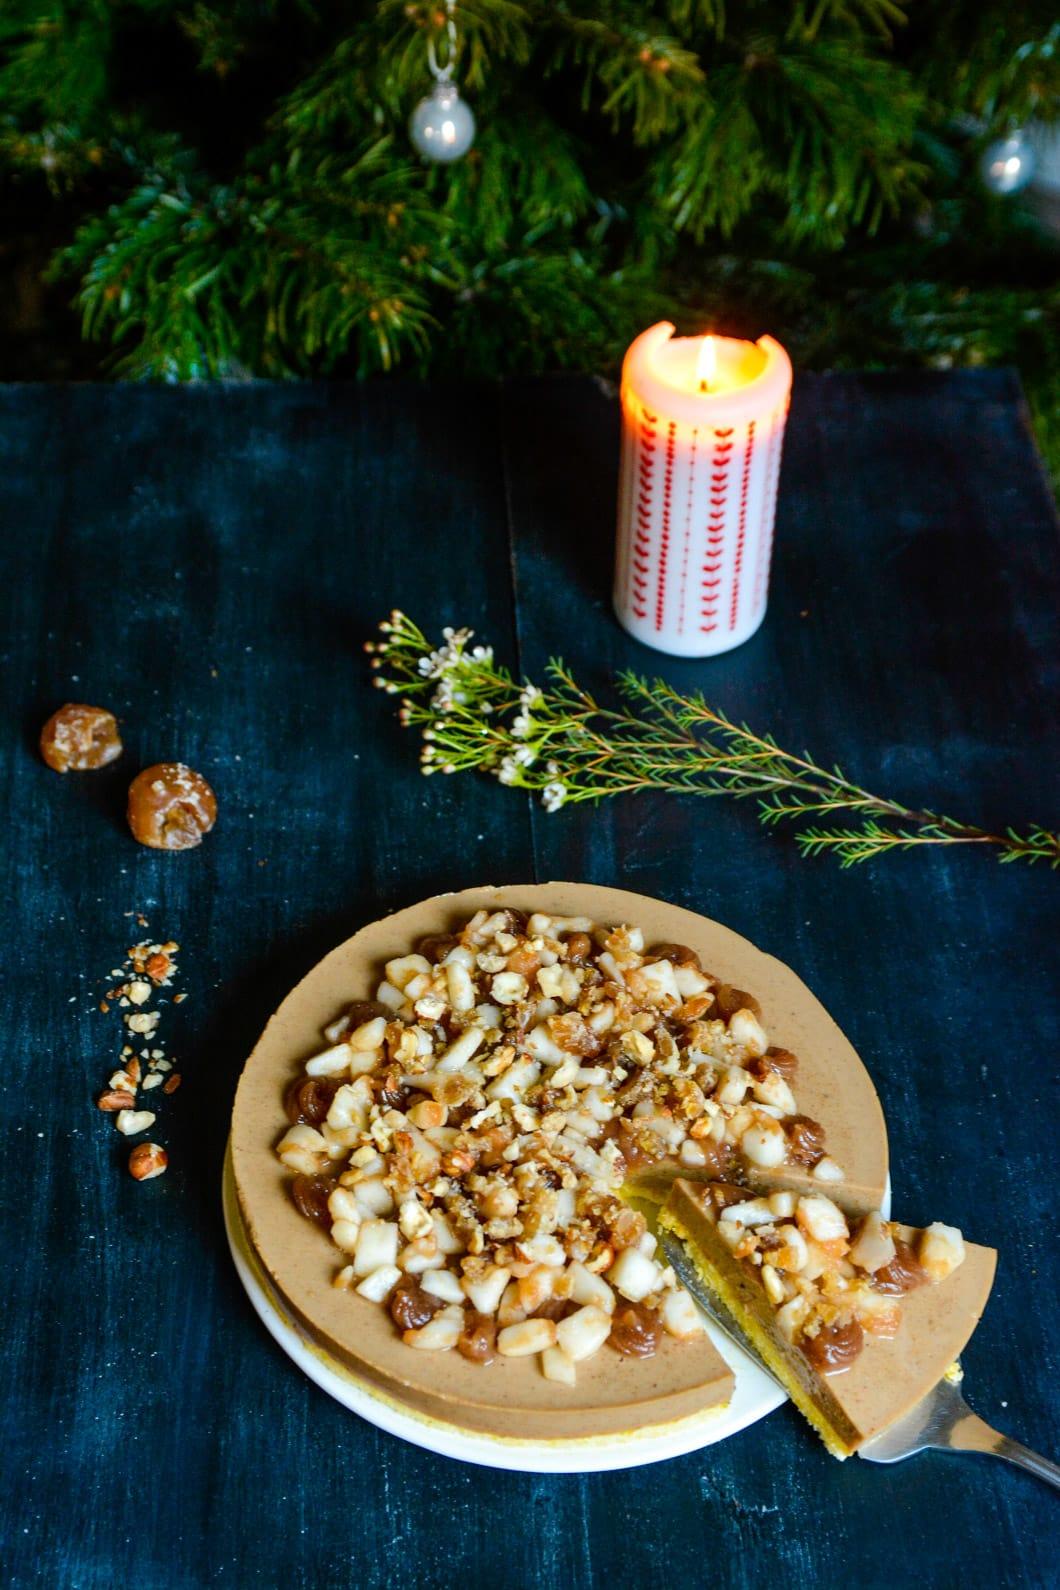 Ma recette sans gluten et sans lactose pour Noël : un entremet à la crème de marrons et aux noisettes - 22 v'la Scarlett